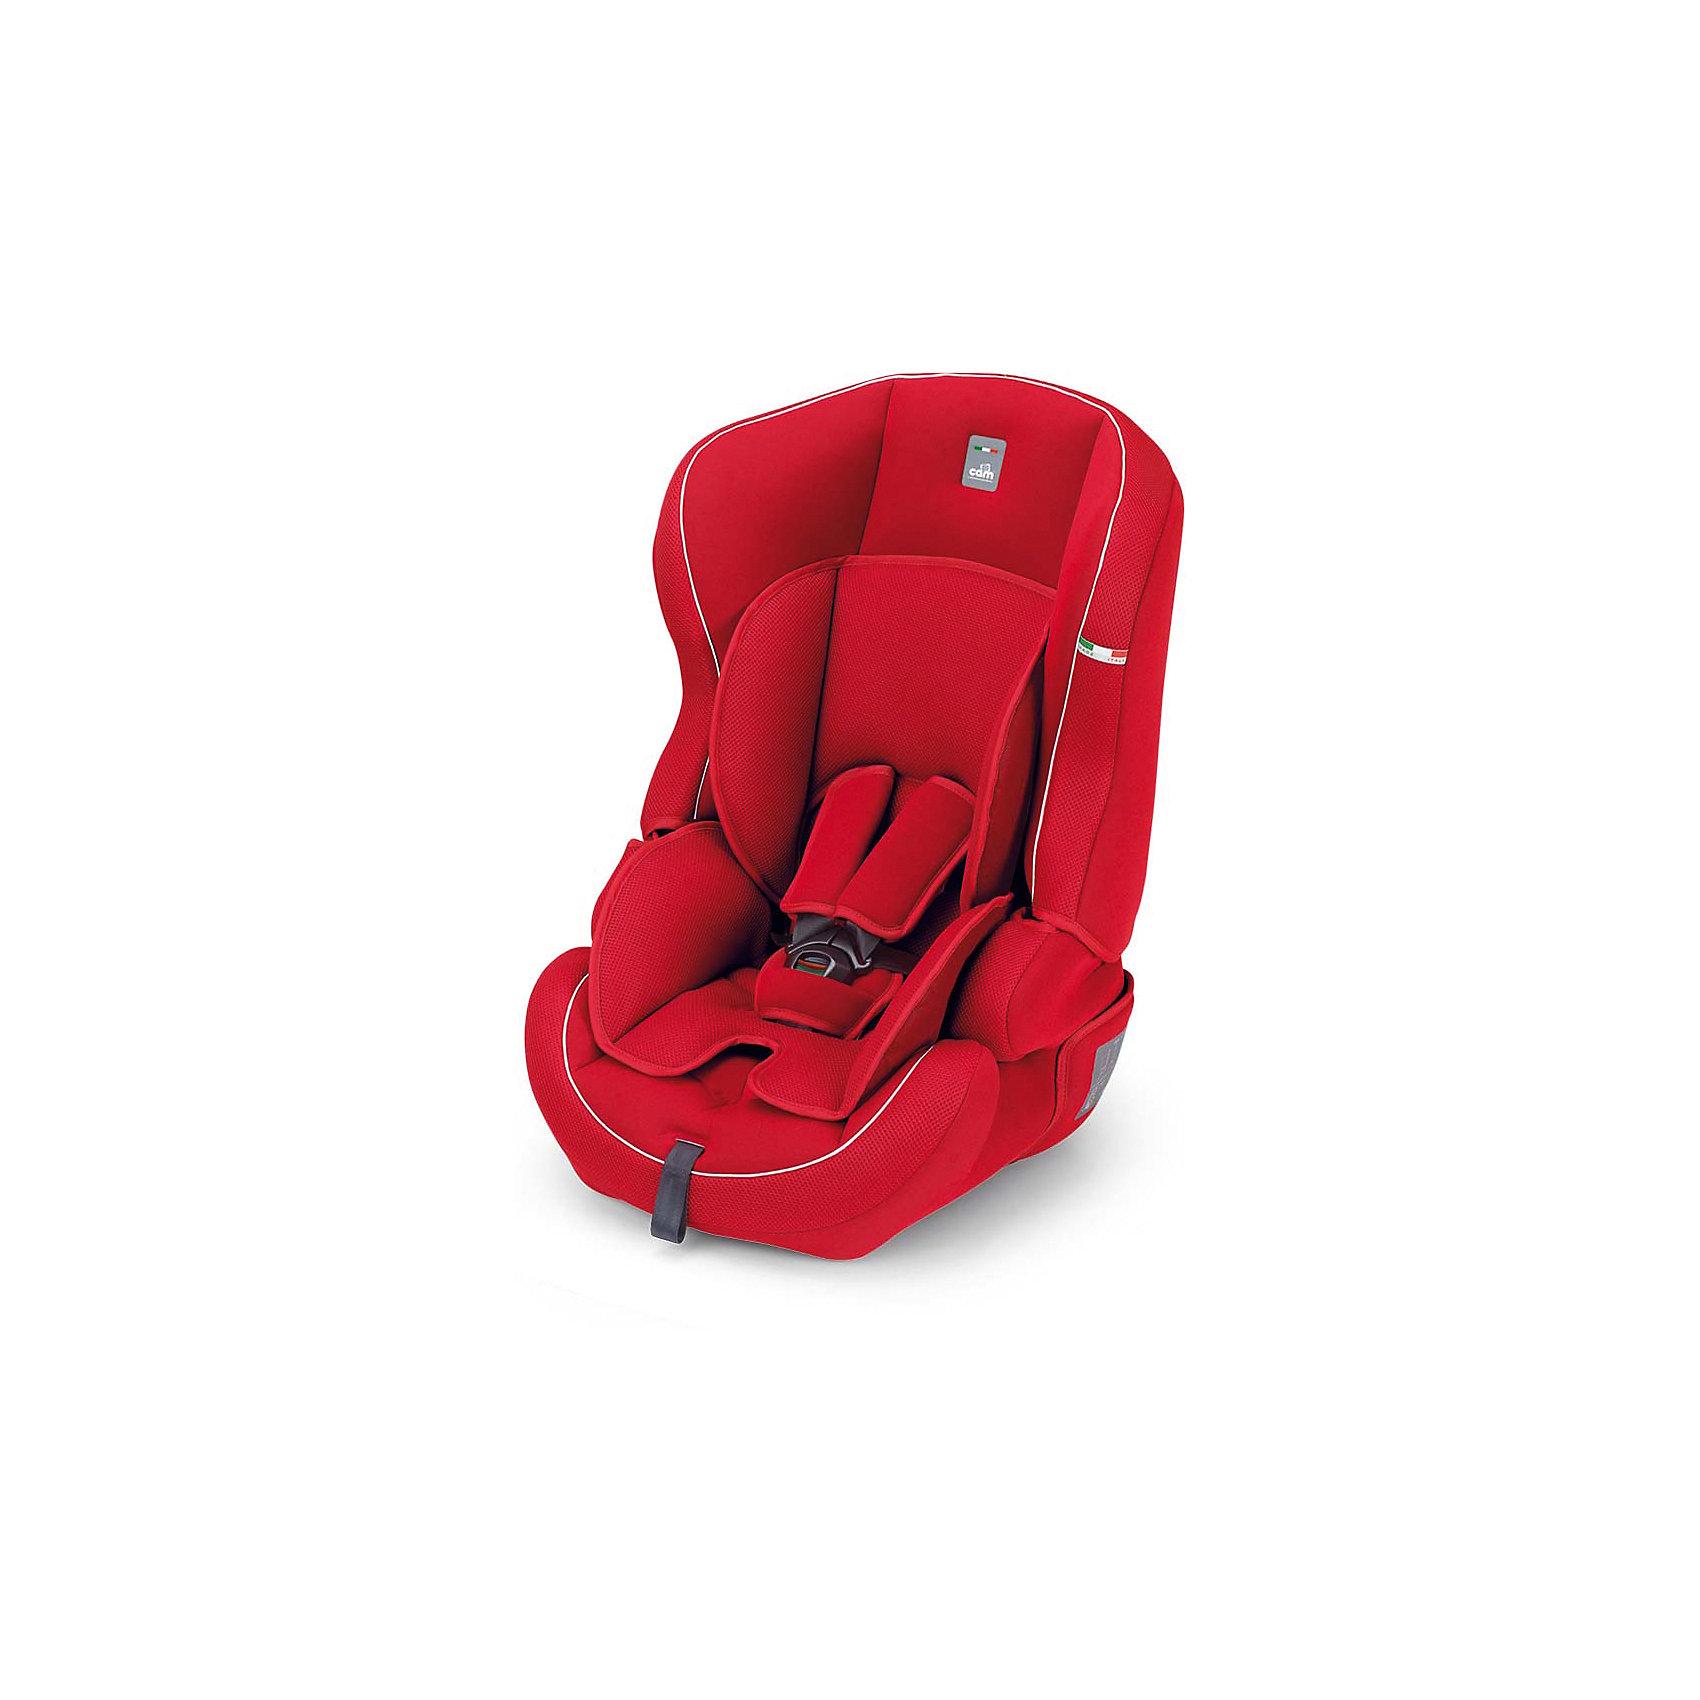 Автокресло Travel Evolution 2015, 9-36 кг, CAM, красныйАвтокресло Travel Evolution 2015, CAM - комфортная надежная модель, которая сделает поездку Вашего ребенка приятной и безопасной. Благодаря особой конструкции автокресло может использоваться в течении длительного времени и охватывает весовые категории детей от 1 года до 12 лет. Комфортное кресло оснащено ортопедической спинкой с регулируемым углом наклона и обеспечивает удобство сидения во время длительных поездок. Для малышей предусмотрен мягкий анатомический вкладыш. Пятиточечные ремни безопасности с мягкими плечевыми накладками регулируются по росту ребенка (три положения высоты внутренних ремней). Усиленная боковая защита убережёт ребёнка от серьезных травм.  <br><br>Автокресло легко и надежно устанавливается на заднее сиденье автомобиля по ходу движения. Для детей постарше (2-й группы, 3 -7 лет) ремни автокресла можно снять и использовать штатные ремни автомобиля, которые фиксируются специальными ограничителями. Для детей 3-й группы (6-12 лет) съемная спинка демонтируется и сиденье используется качестве бустера. Кресло изготовлено из высококачественных материалов, износостойкие тканевые чехлы снимаются для чистки или стирки при температуре 30 градусов. Рассчитано на детей от 1 года до 12 лет, весом 9-36 кг.<br><br>Дополнительная информация: <br><br>- Цвет: красный.<br>- Вес ребенка: 9-36 кг. ( 1-12 лет).<br>- Группа 1-2-3.<br>- Материал: пластик, текстиль. <br>- Внешние размеры: 49,5 x 51 x 65 см. <br>- Вес: 5,5 кг.<br><br>Автокресло Travel Evolution 2015, 9-36 кг., CAM, красный, можно купить в нашем интернет-магазине.<br><br>Ширина мм: 800<br>Глубина мм: 460<br>Высота мм: 450<br>Вес г: 5500<br>Цвет: ярко-красный<br>Возраст от месяцев: 12<br>Возраст до месяцев: 144<br>Пол: Унисекс<br>Возраст: Детский<br>SKU: 4347284